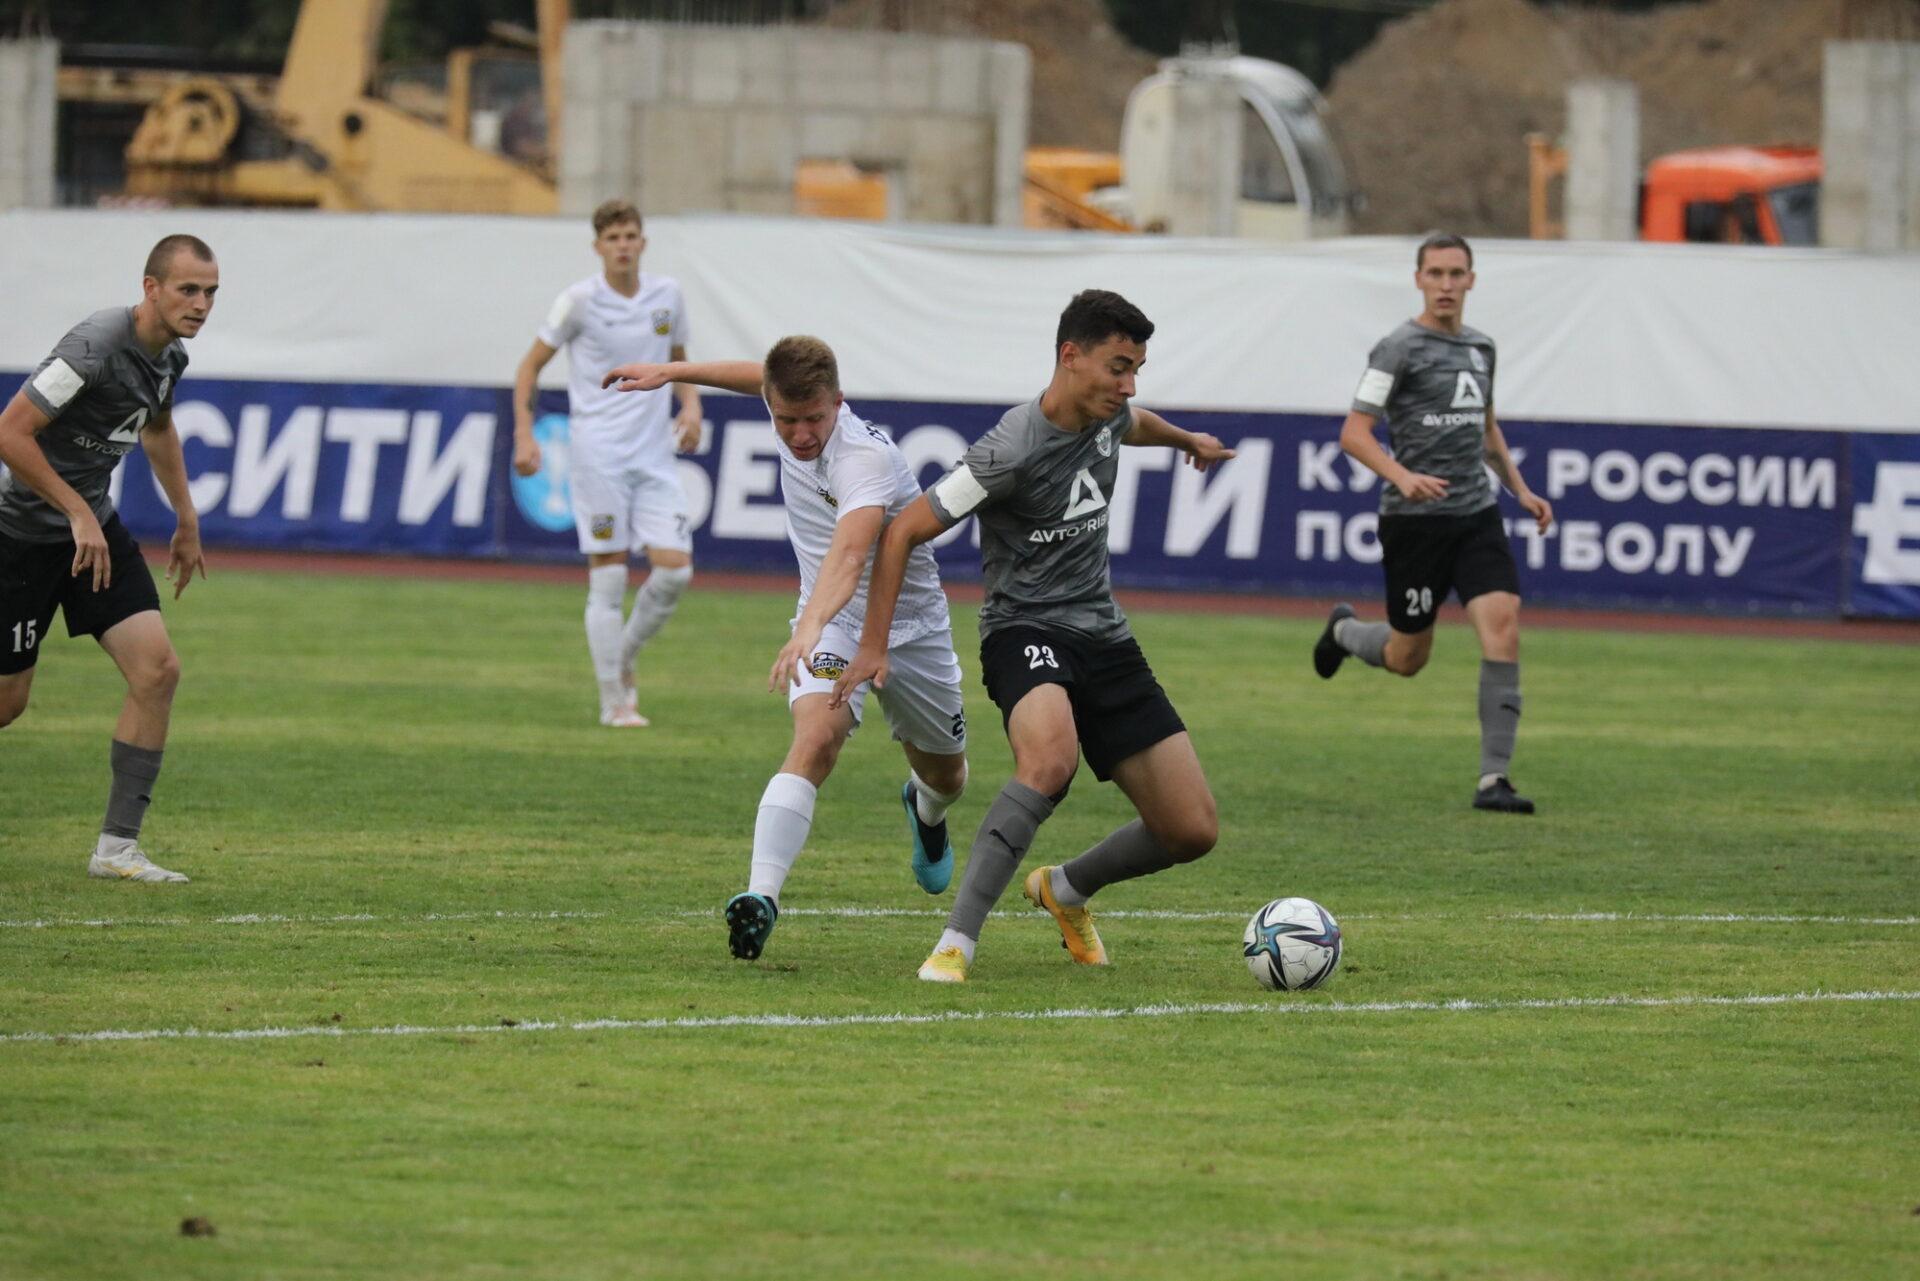 Уроженец Йошкар-Олы выступит в элитном групповом раунде Кубка России по футболу